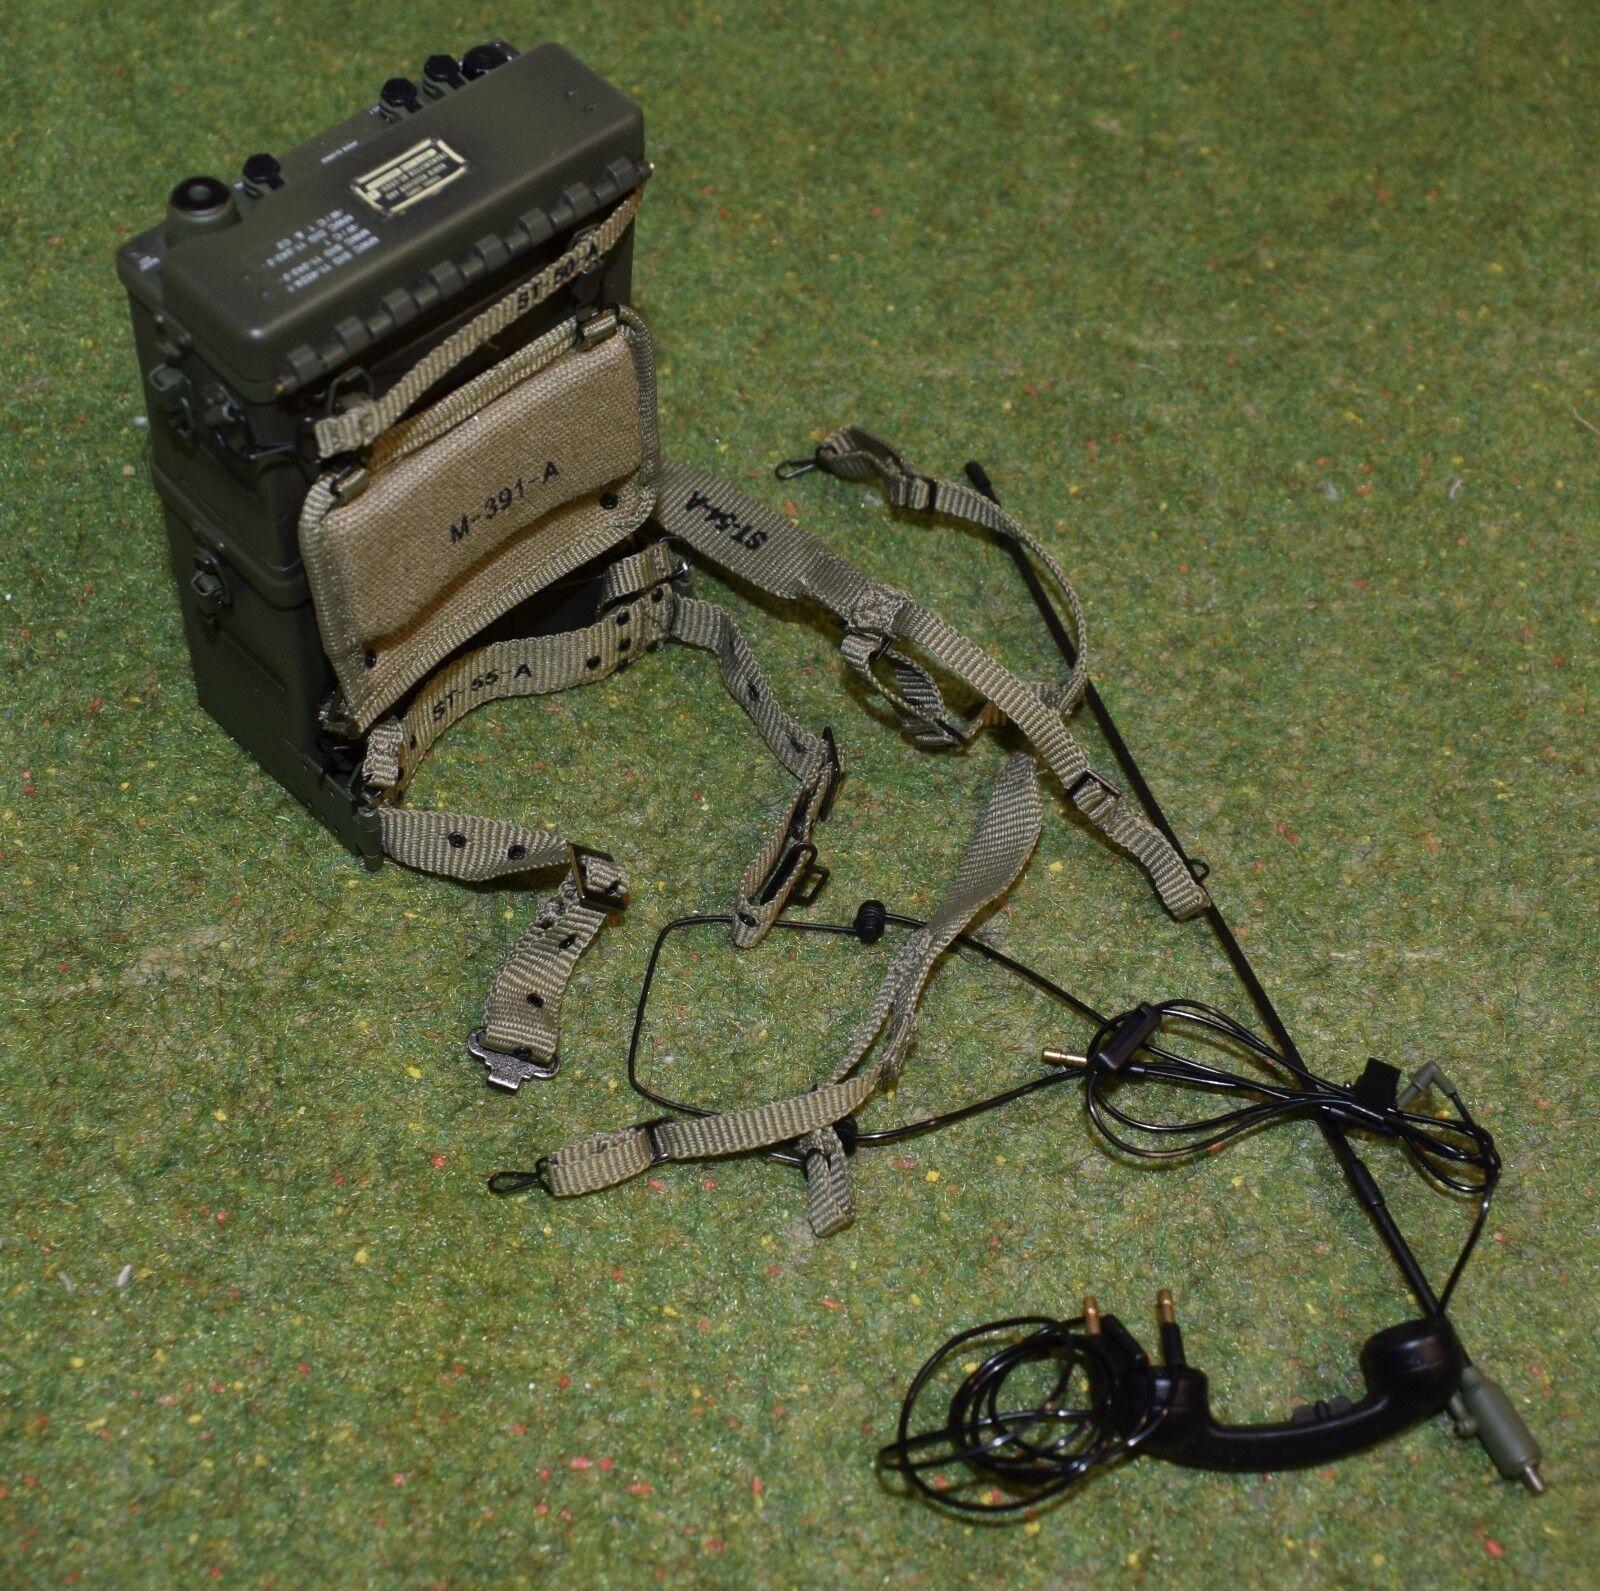 Dragon in Dreams ha SCALA  1 6 US WW II Paul Esercito Americano in Mettuttio Radio & Gear  Ritorno di 10 giorni